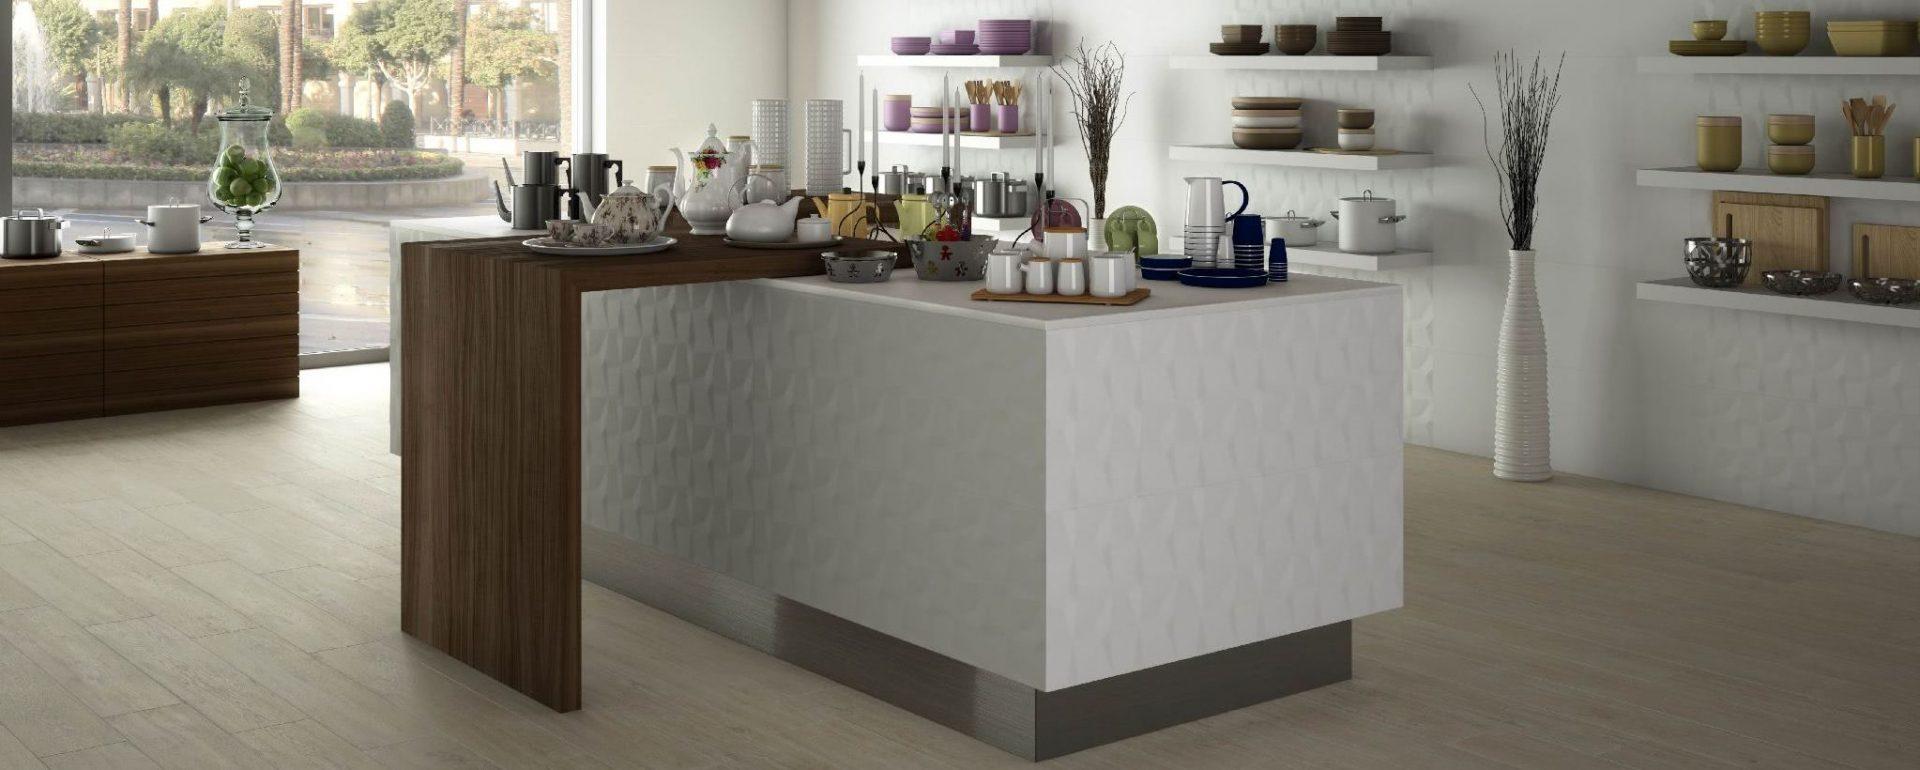 Muebles para el hogar acana interiorismo - Revestimientos para cocinas ...